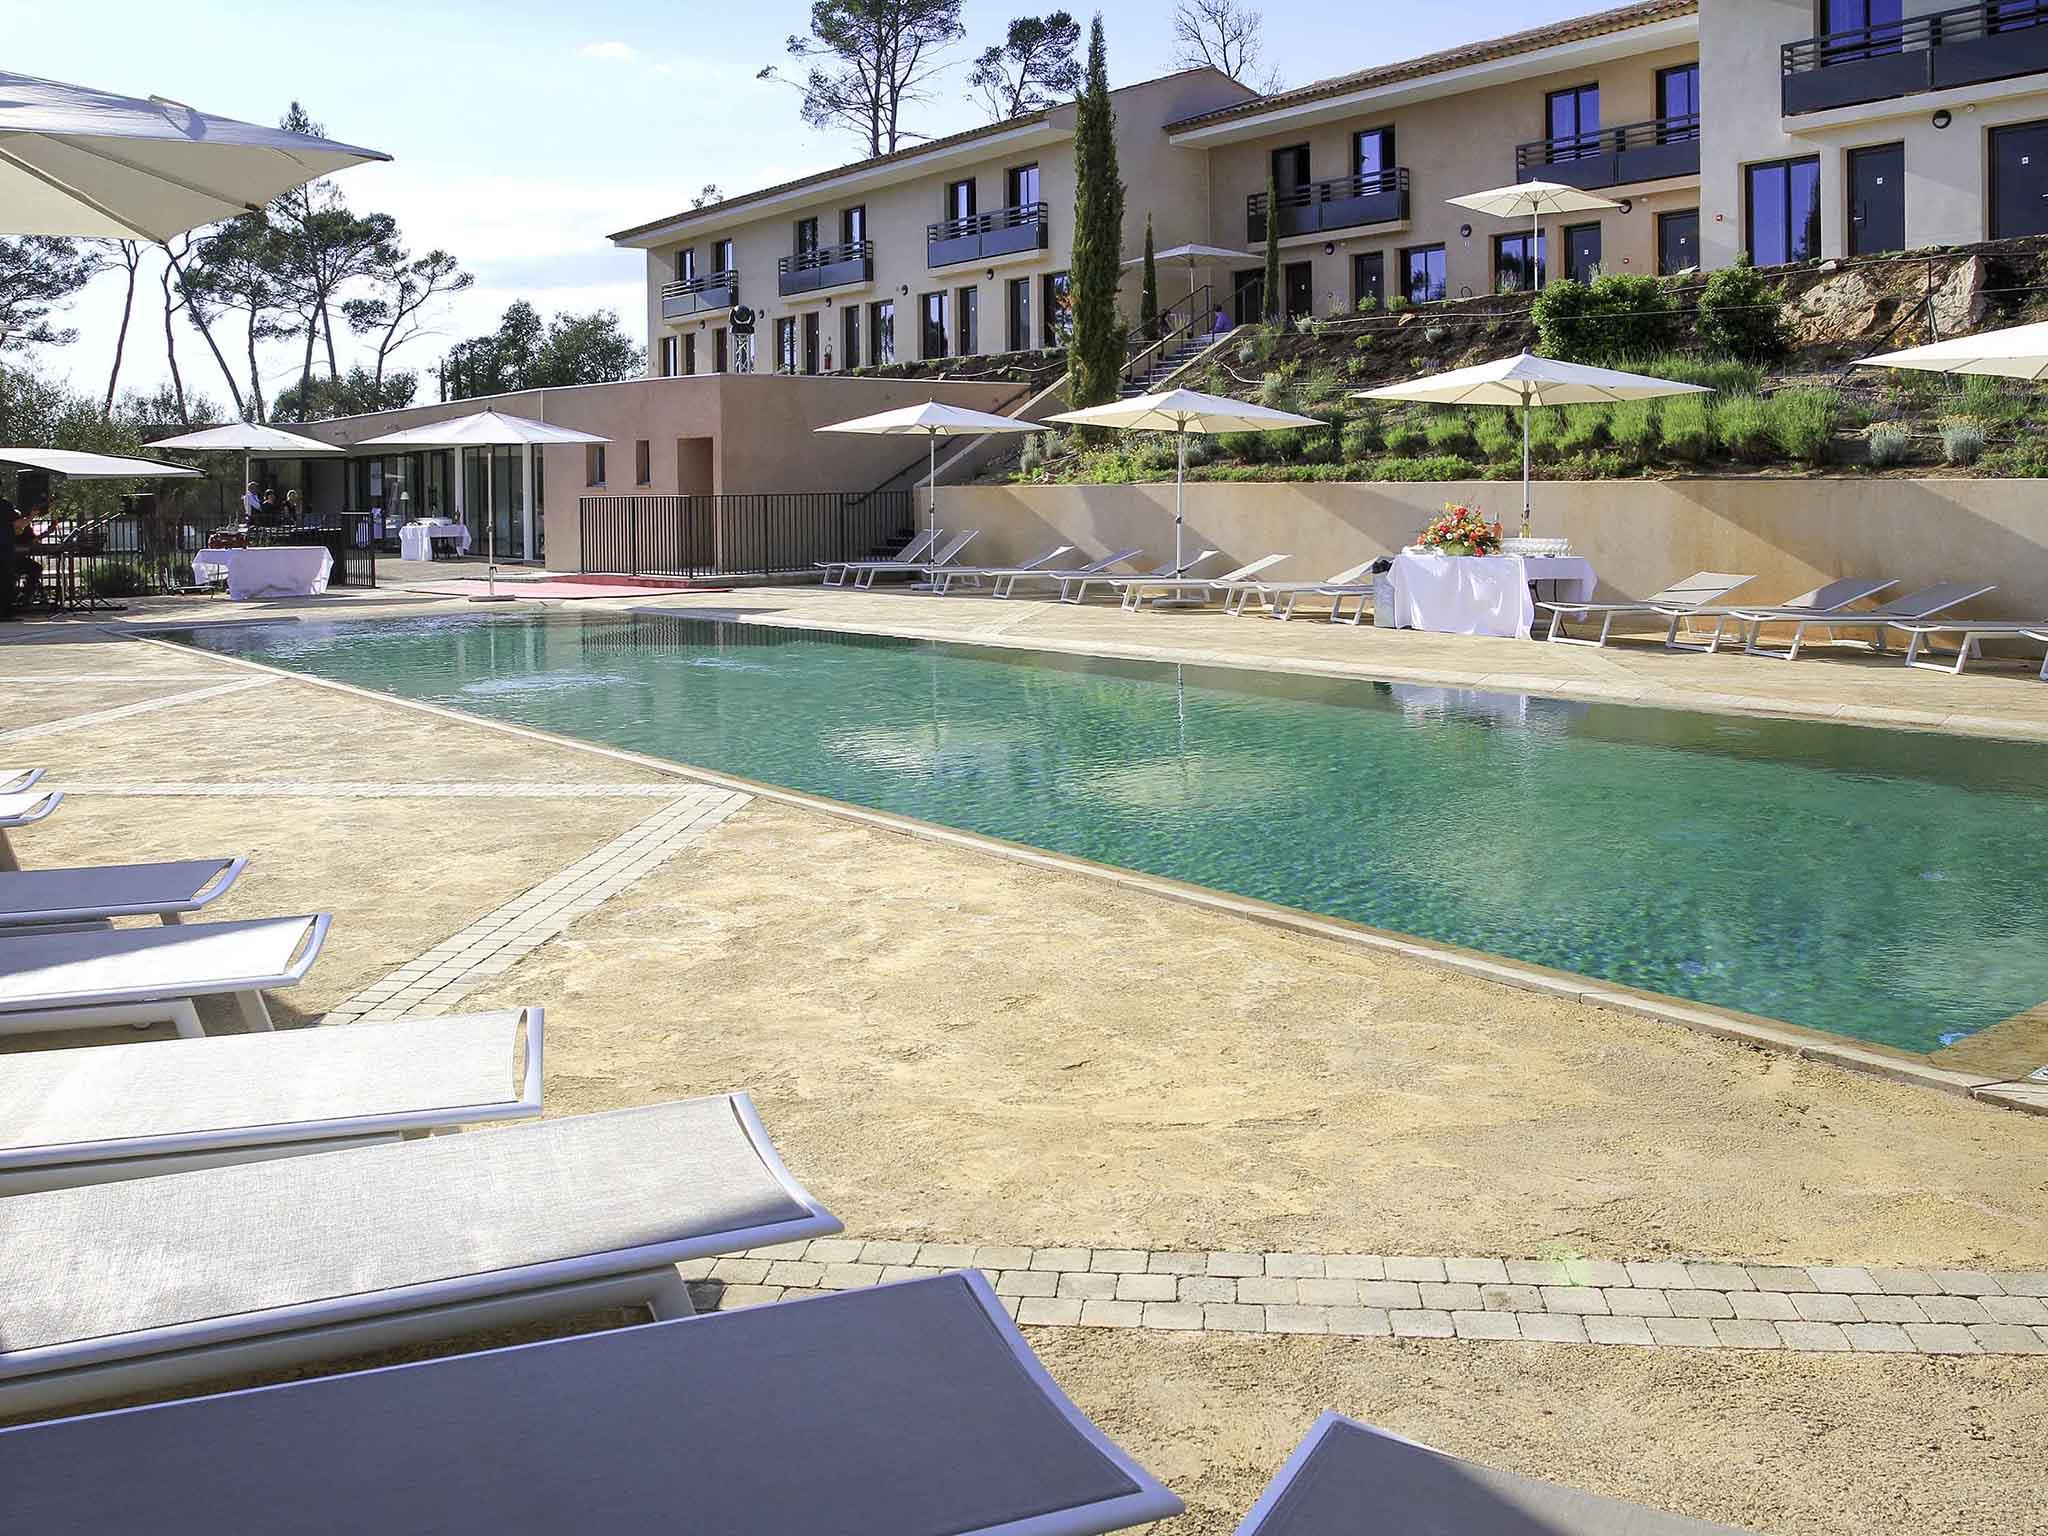 Hotel – Hotel Mercure Brignoles Golf de Barbaroux